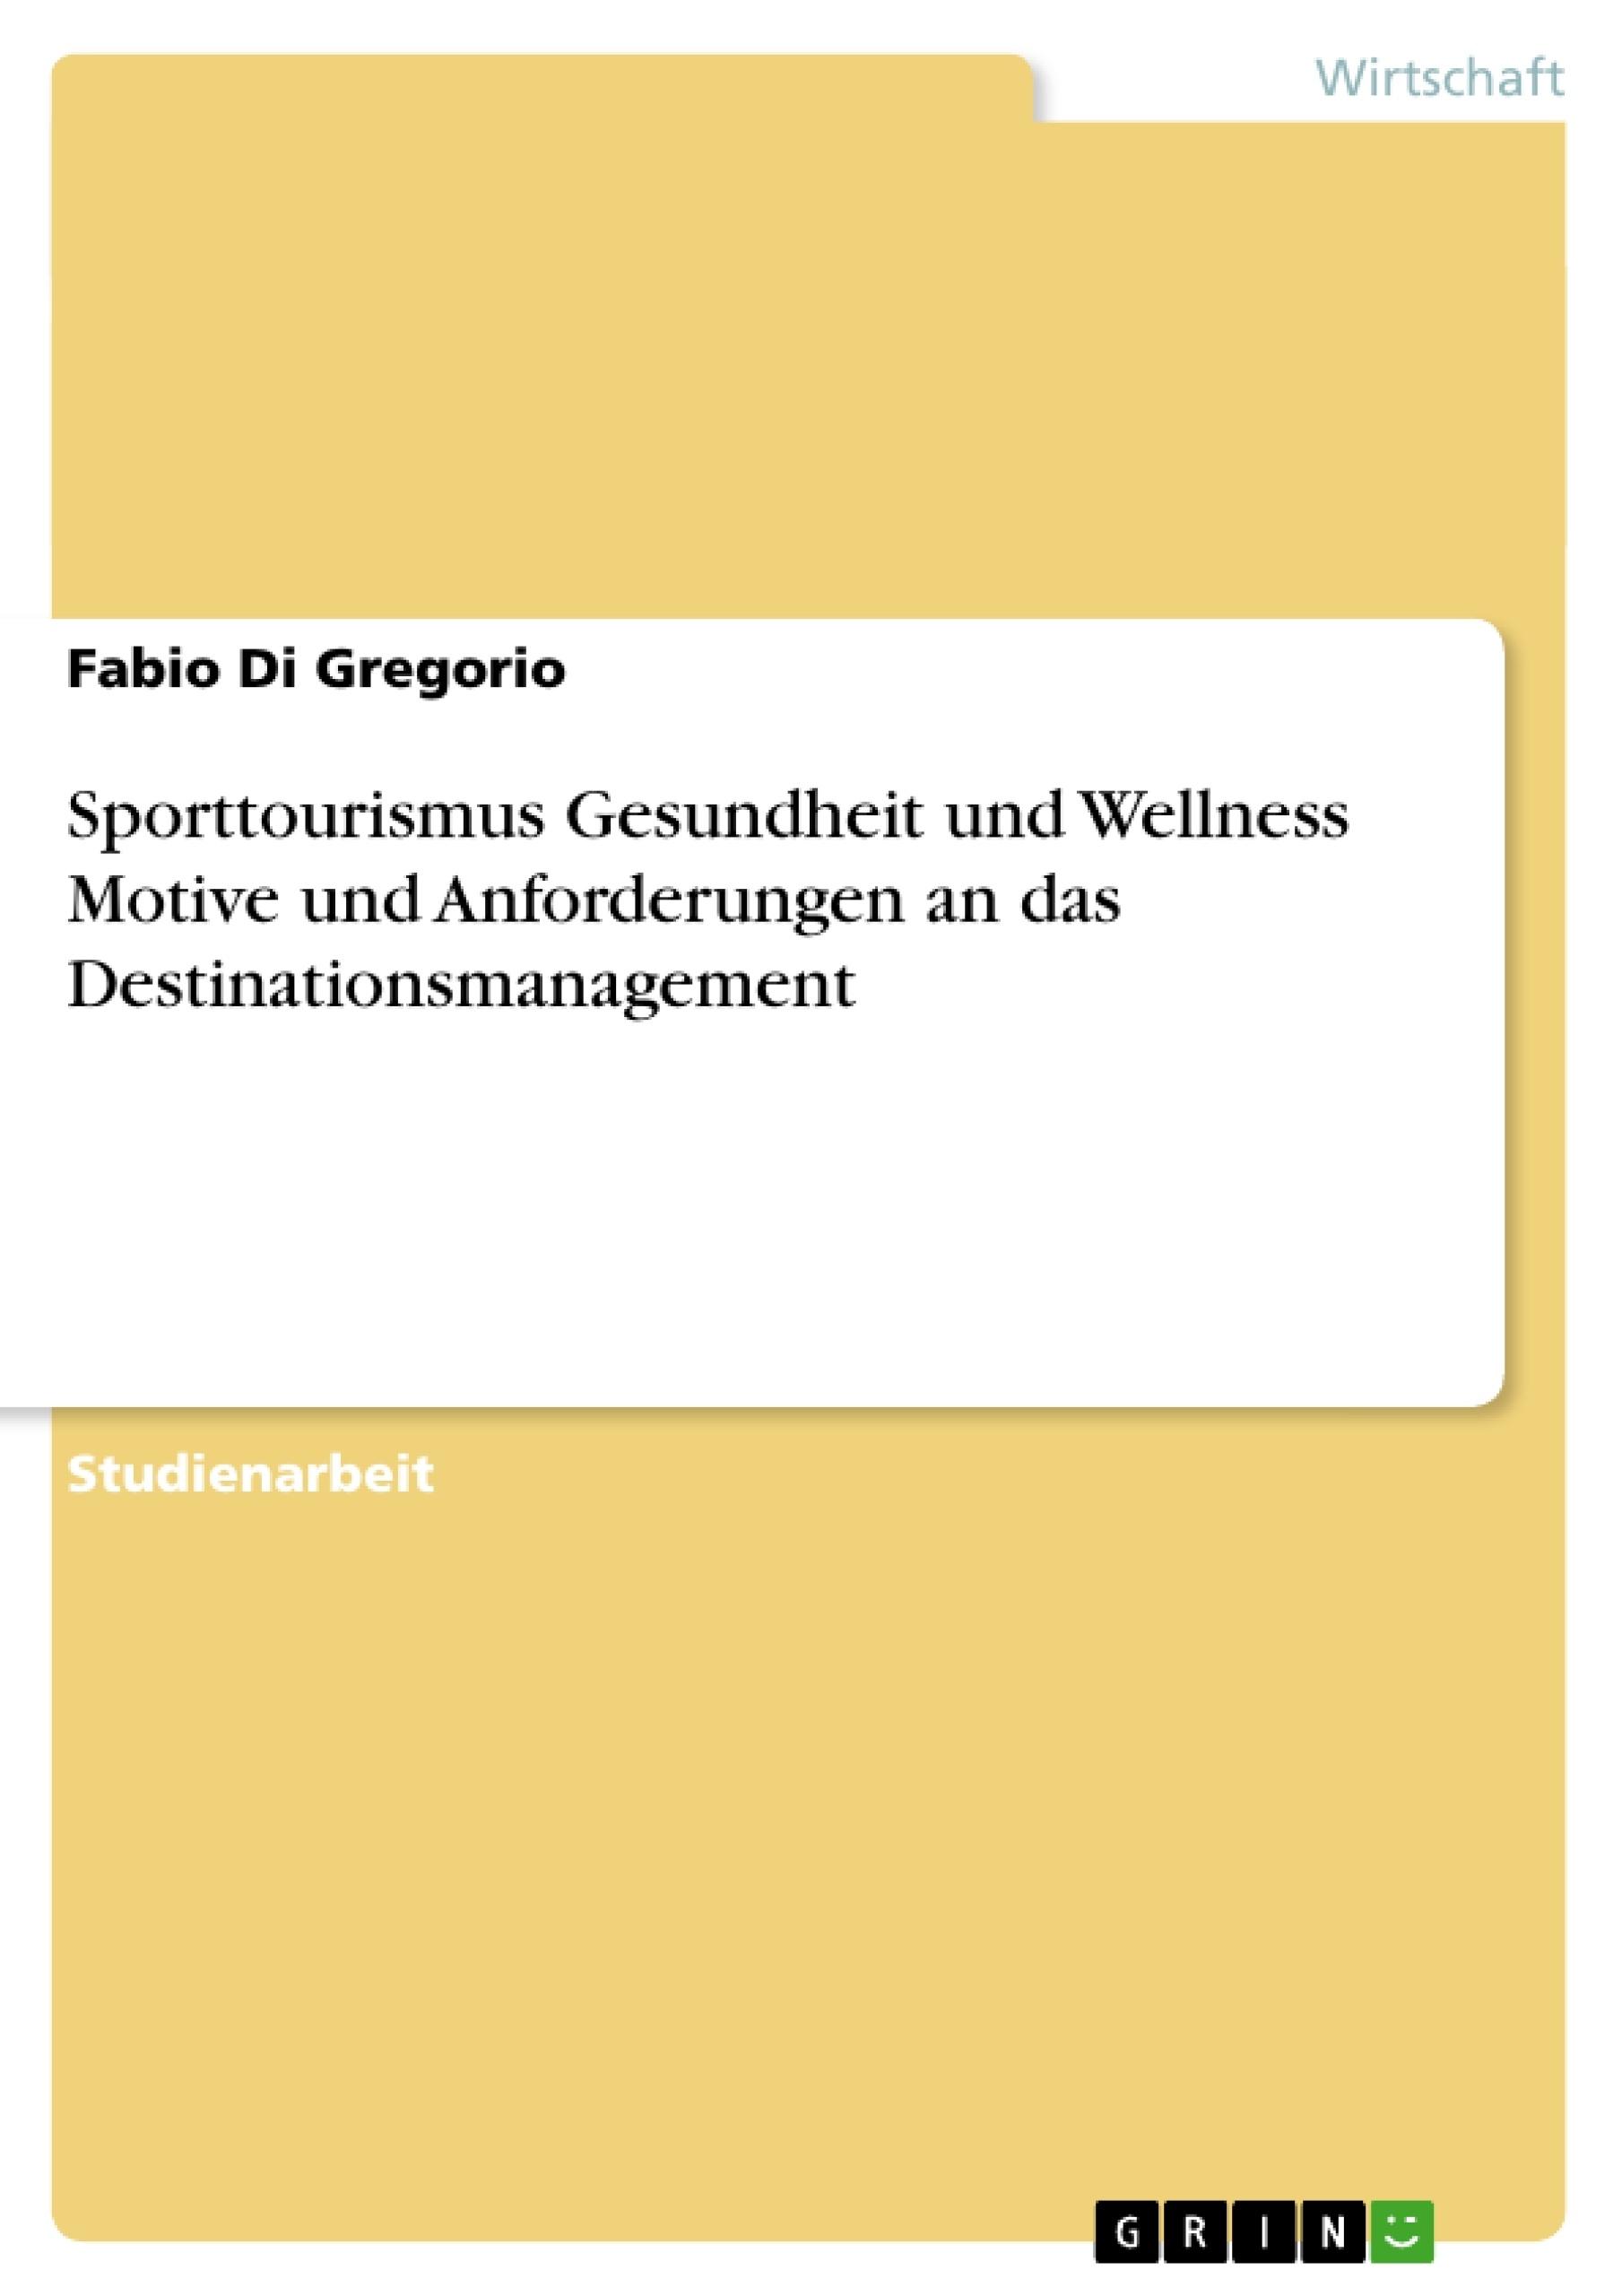 Titel: Sporttourismus Gesundheit und Wellness  Motive und Anforderungen an das Destinationsmanagement